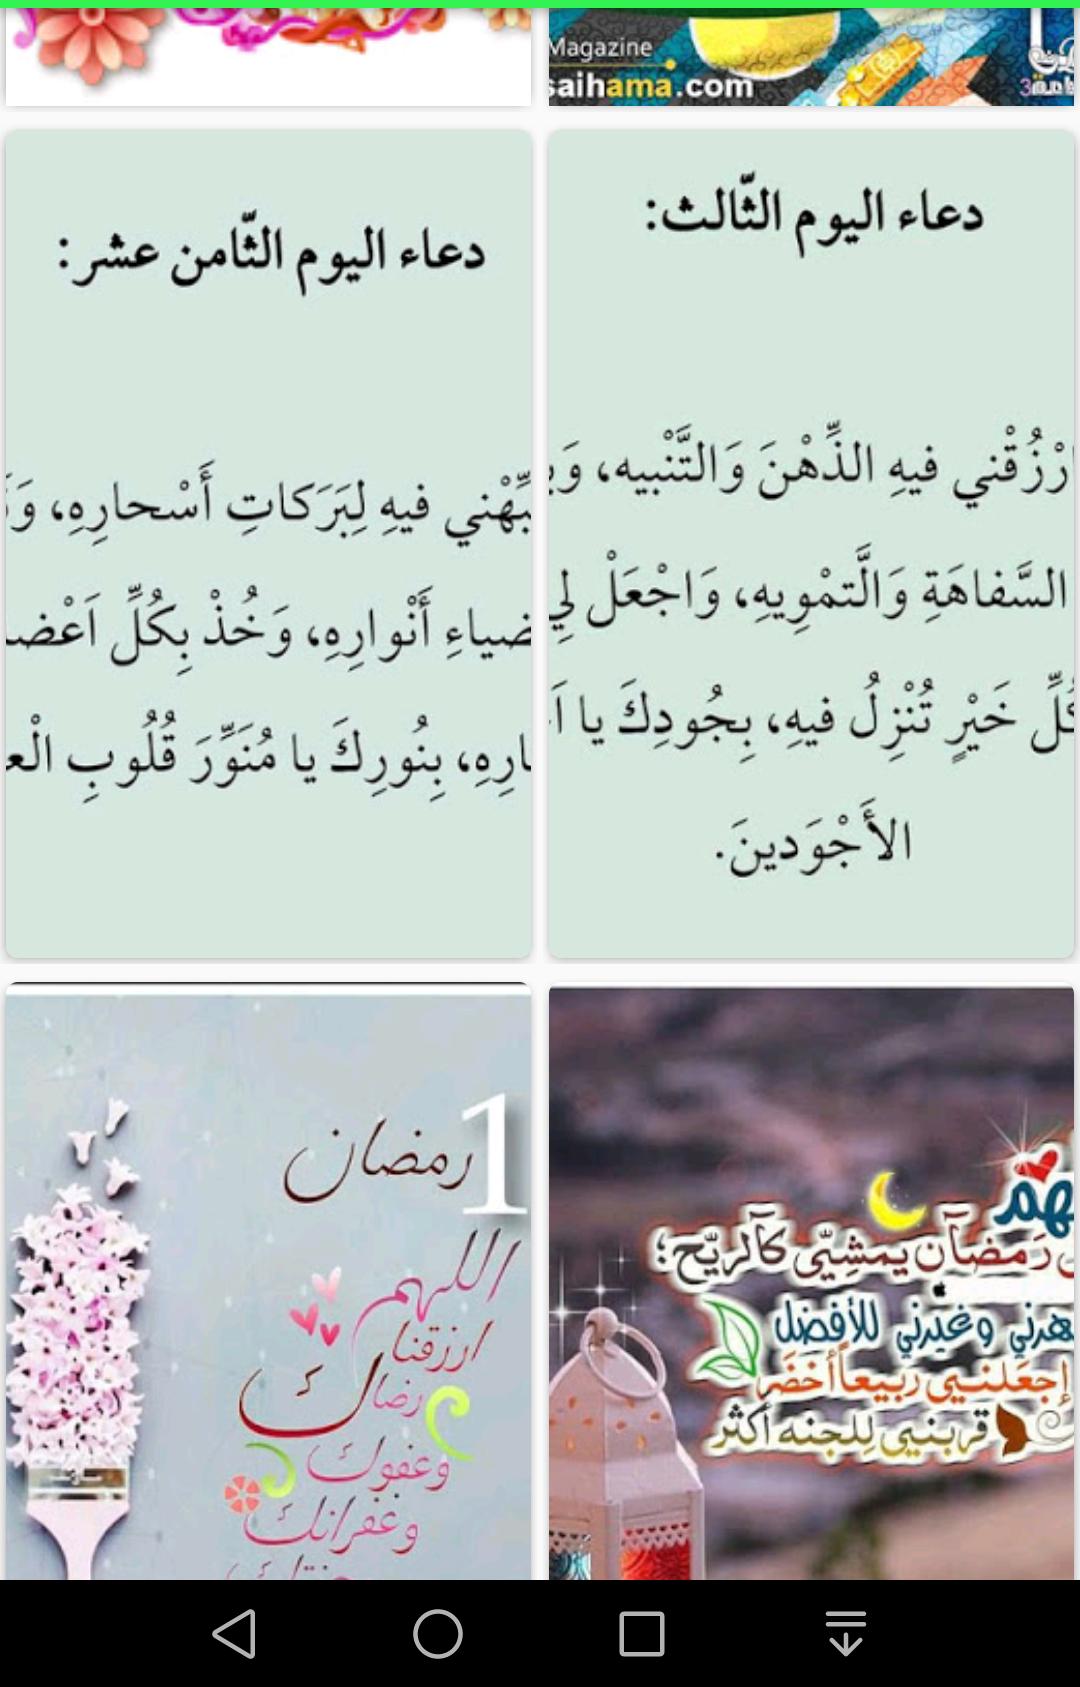 صور رمضان 2020 تحميل خلفيات وصور ادعية وتهنئة شهر رمضان الكريم Ramadan Kareem Ramadan Kareem